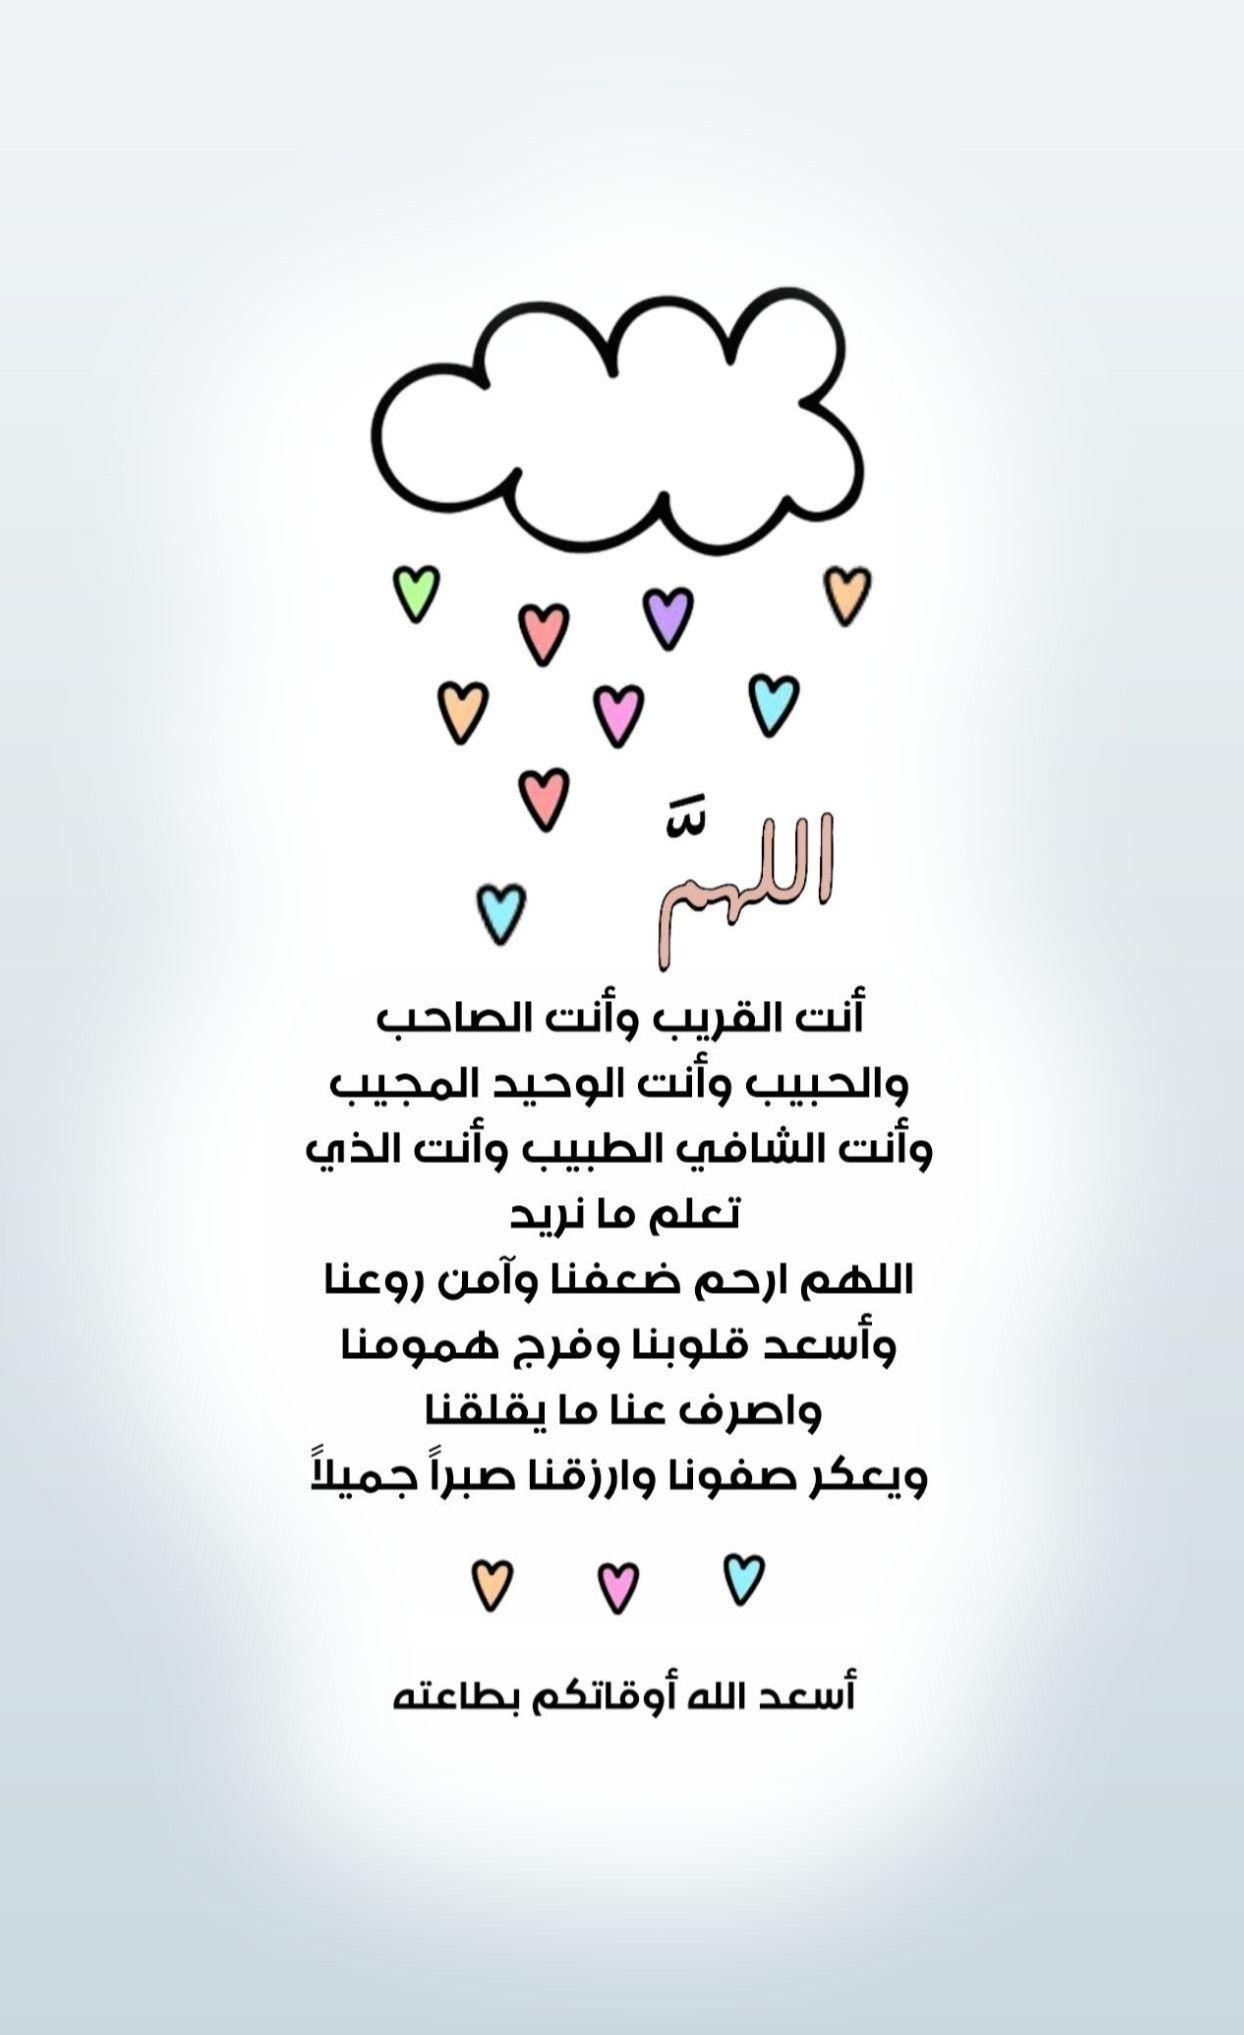 اللهم أنت القريب وأنت الصاحب والحبيب وأنت الوحيد المجيب وأنت الشافي الطبيب وأنت الذي تعلم Beautiful Islamic Quotes Words Quotes Good Morning Greetings